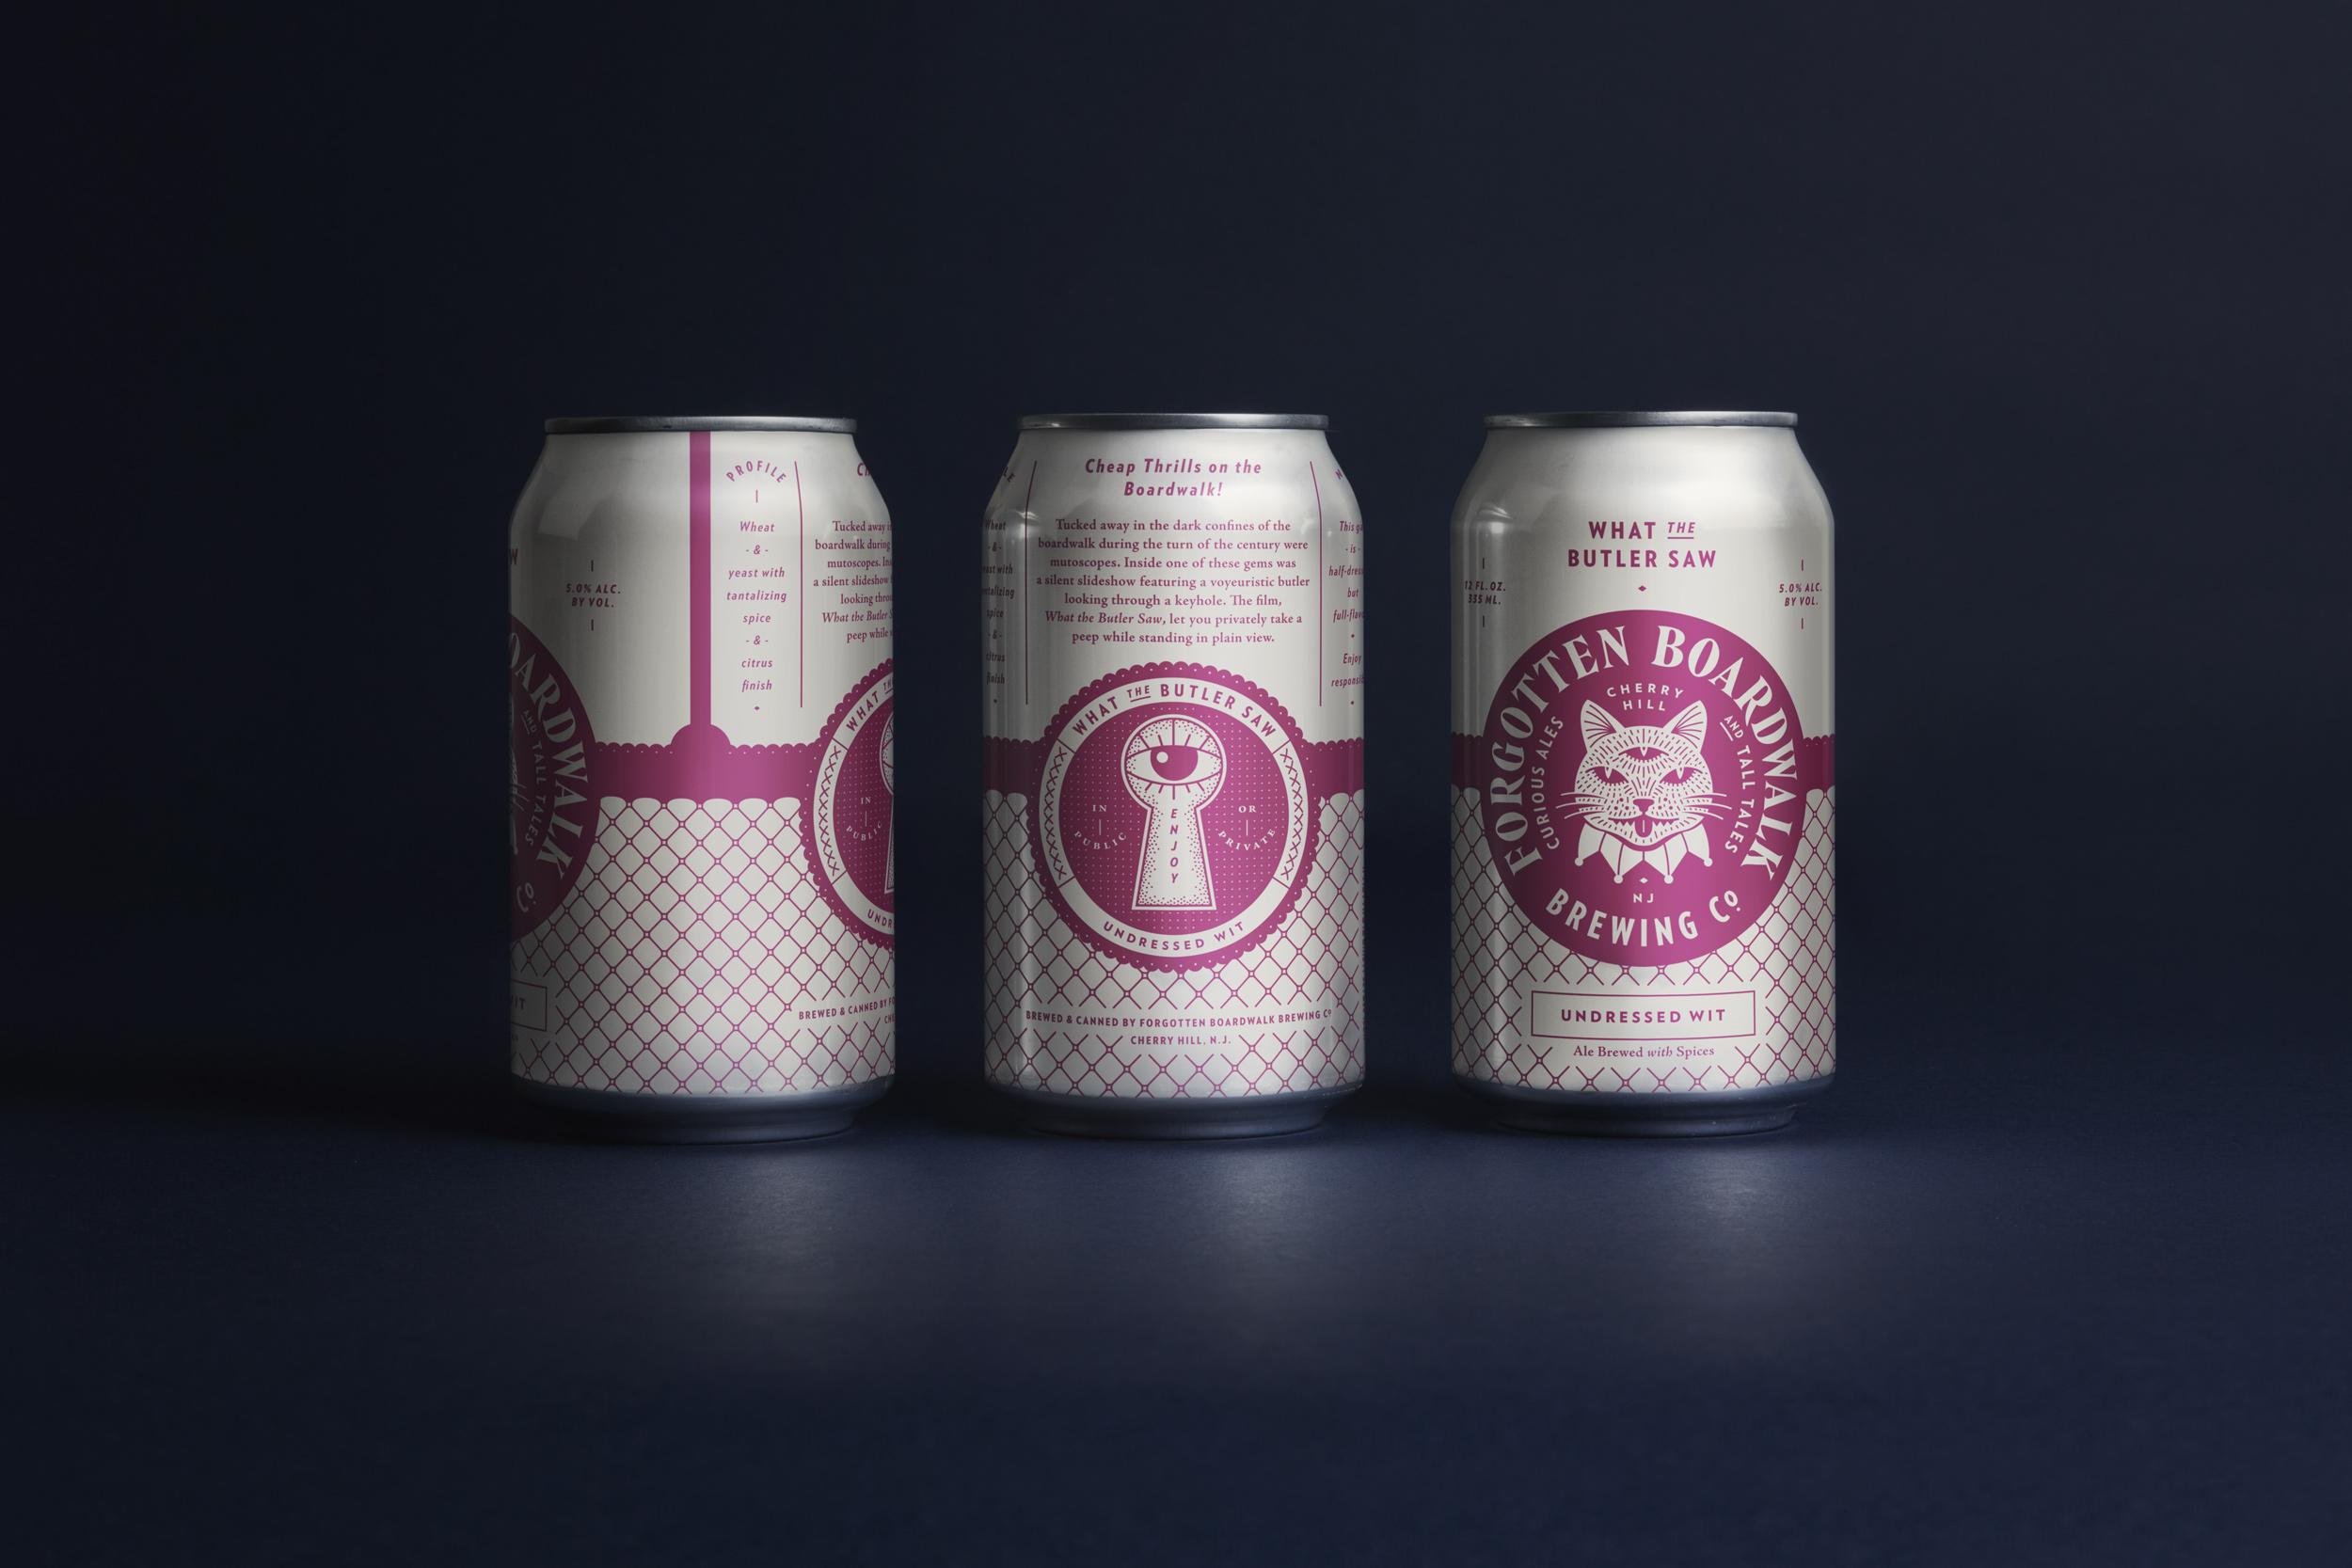 Updated: Beer & Branding: Forgotten Boardwalk